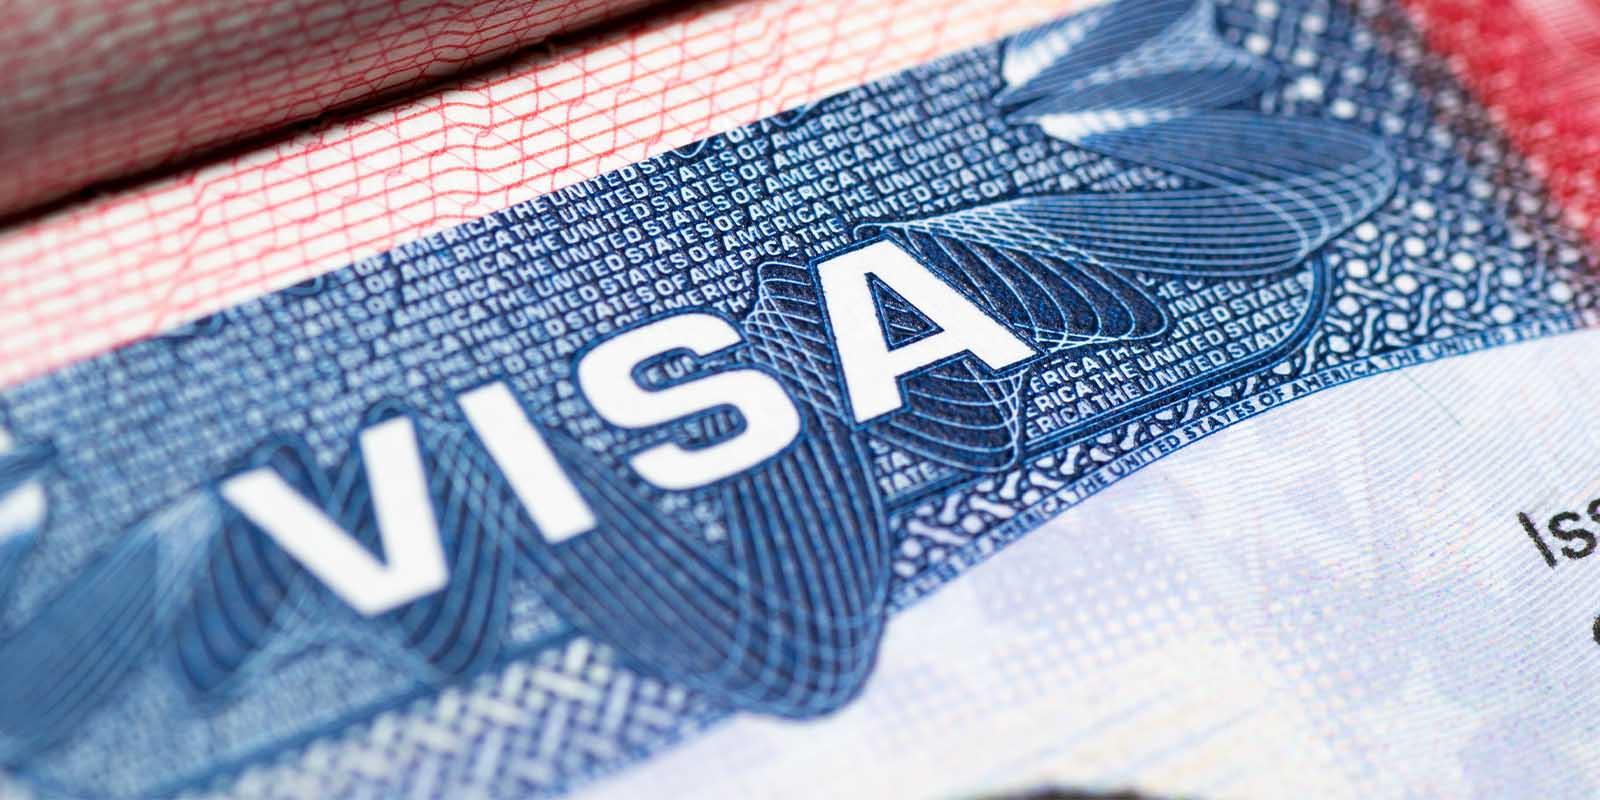 Obtain a E2 investor visa in the USA with Grenada passport